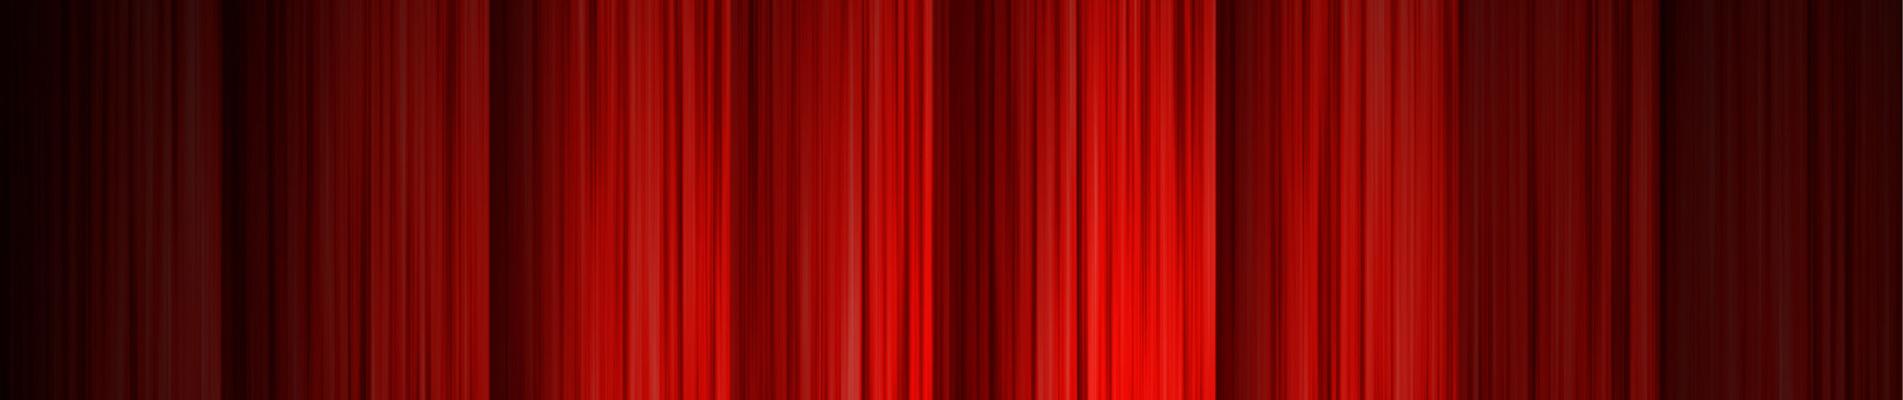 Slider-Backgrounds-Red1